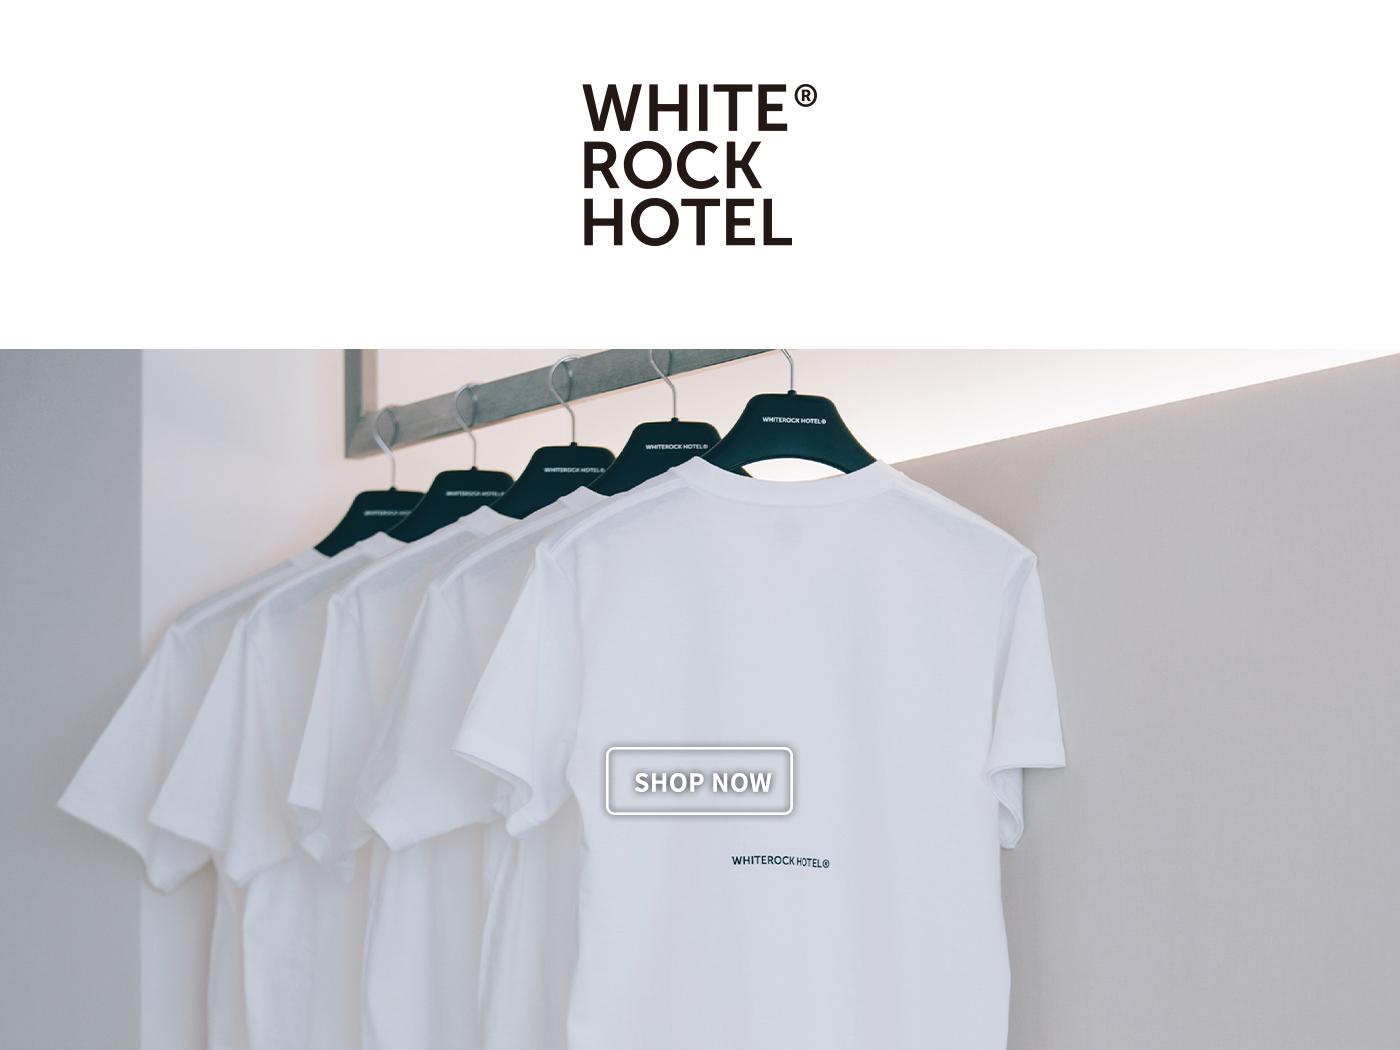 WHITEROCK,WHITEROCK HOTEL,WISDOM,台灣設計品牌,台灣設計,設計品牌,